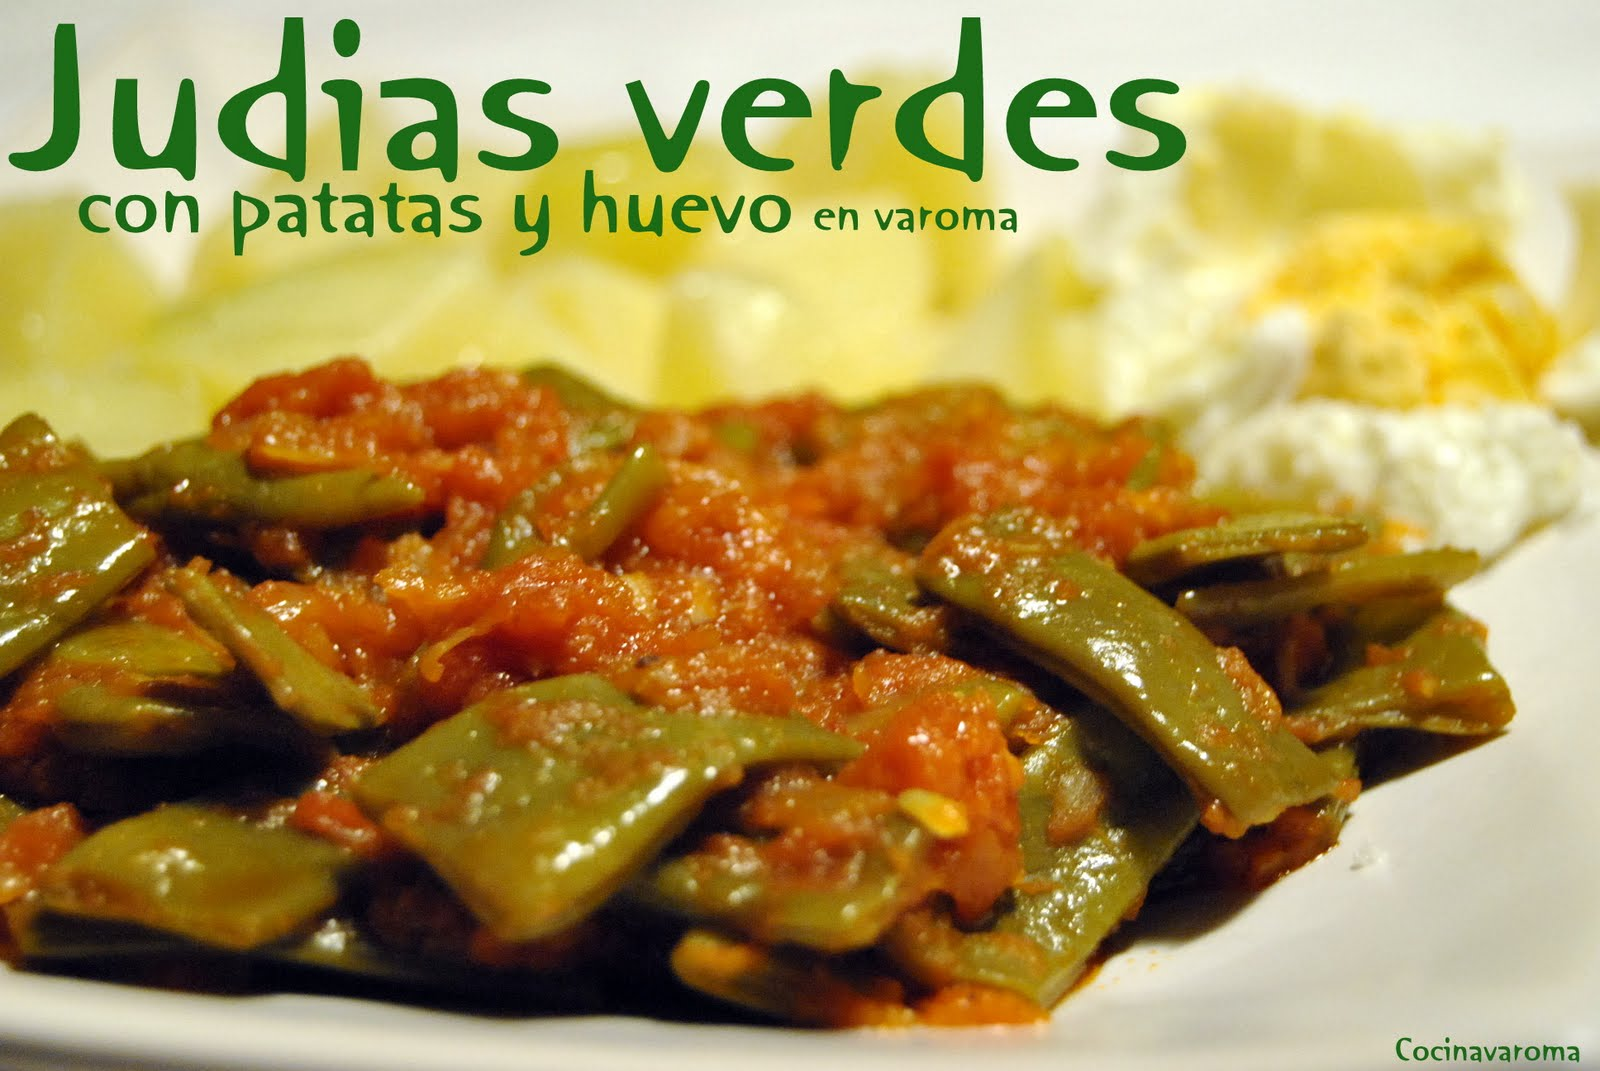 Cocina varoma judias verdes con tomate recipiente varoma si se quiere - Tiempo coccion judias verdes ...